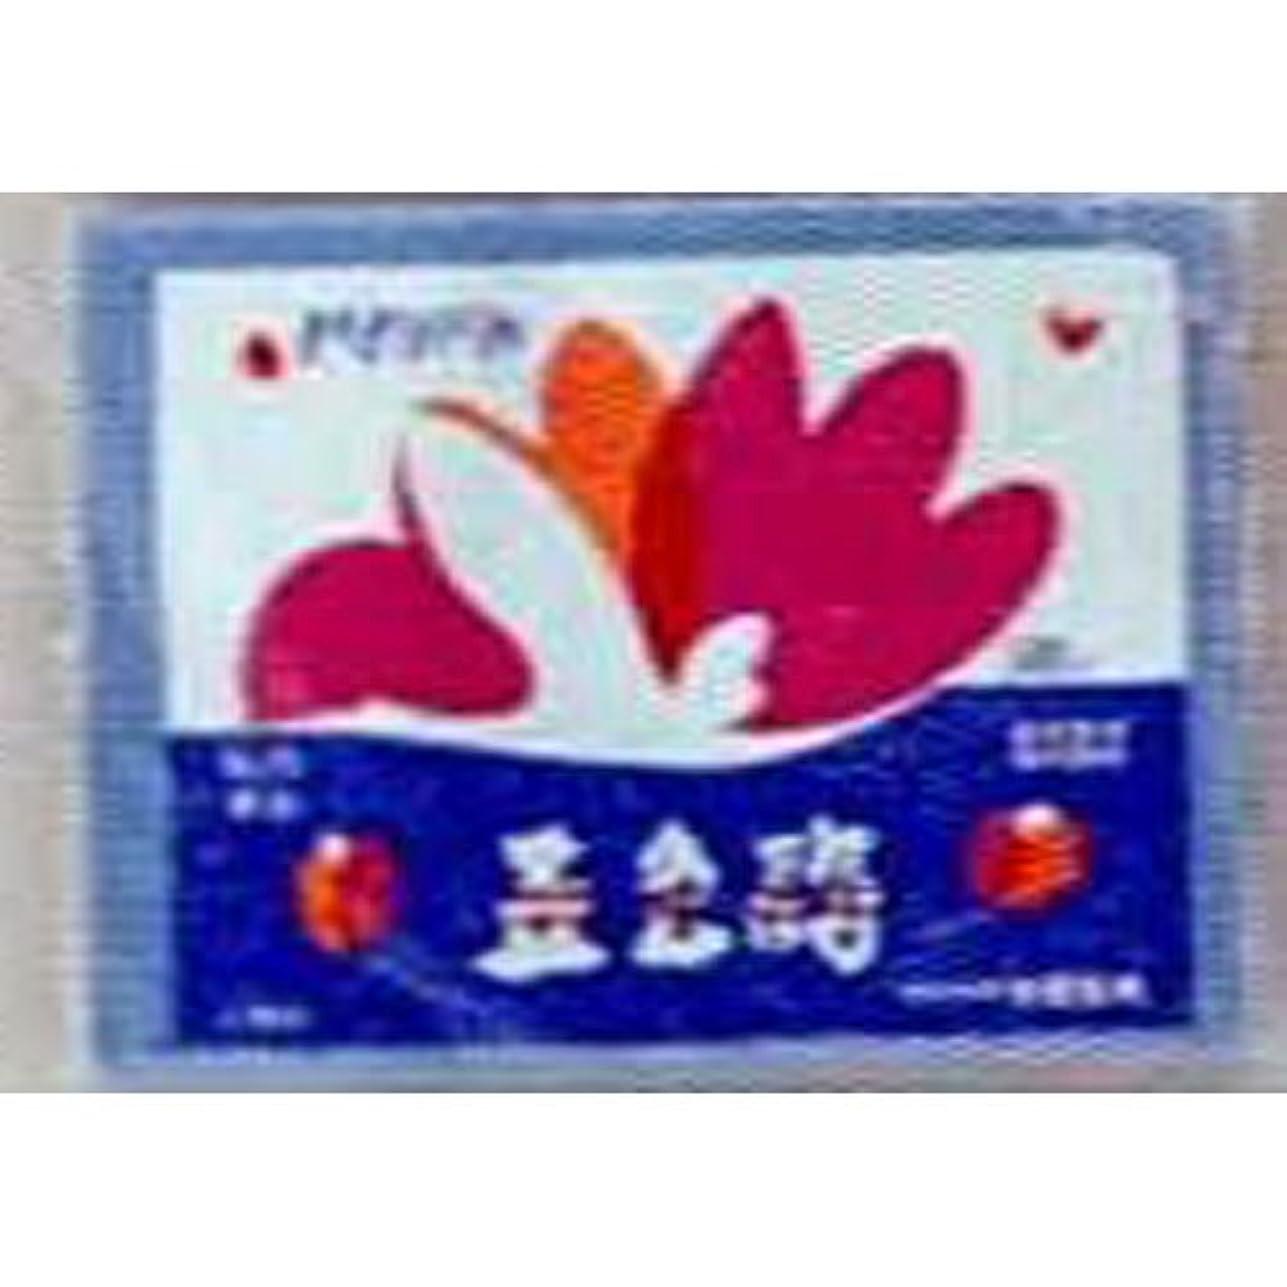 後方憲法混沌京花紙 青(No.13) 500枚組 B05-0558